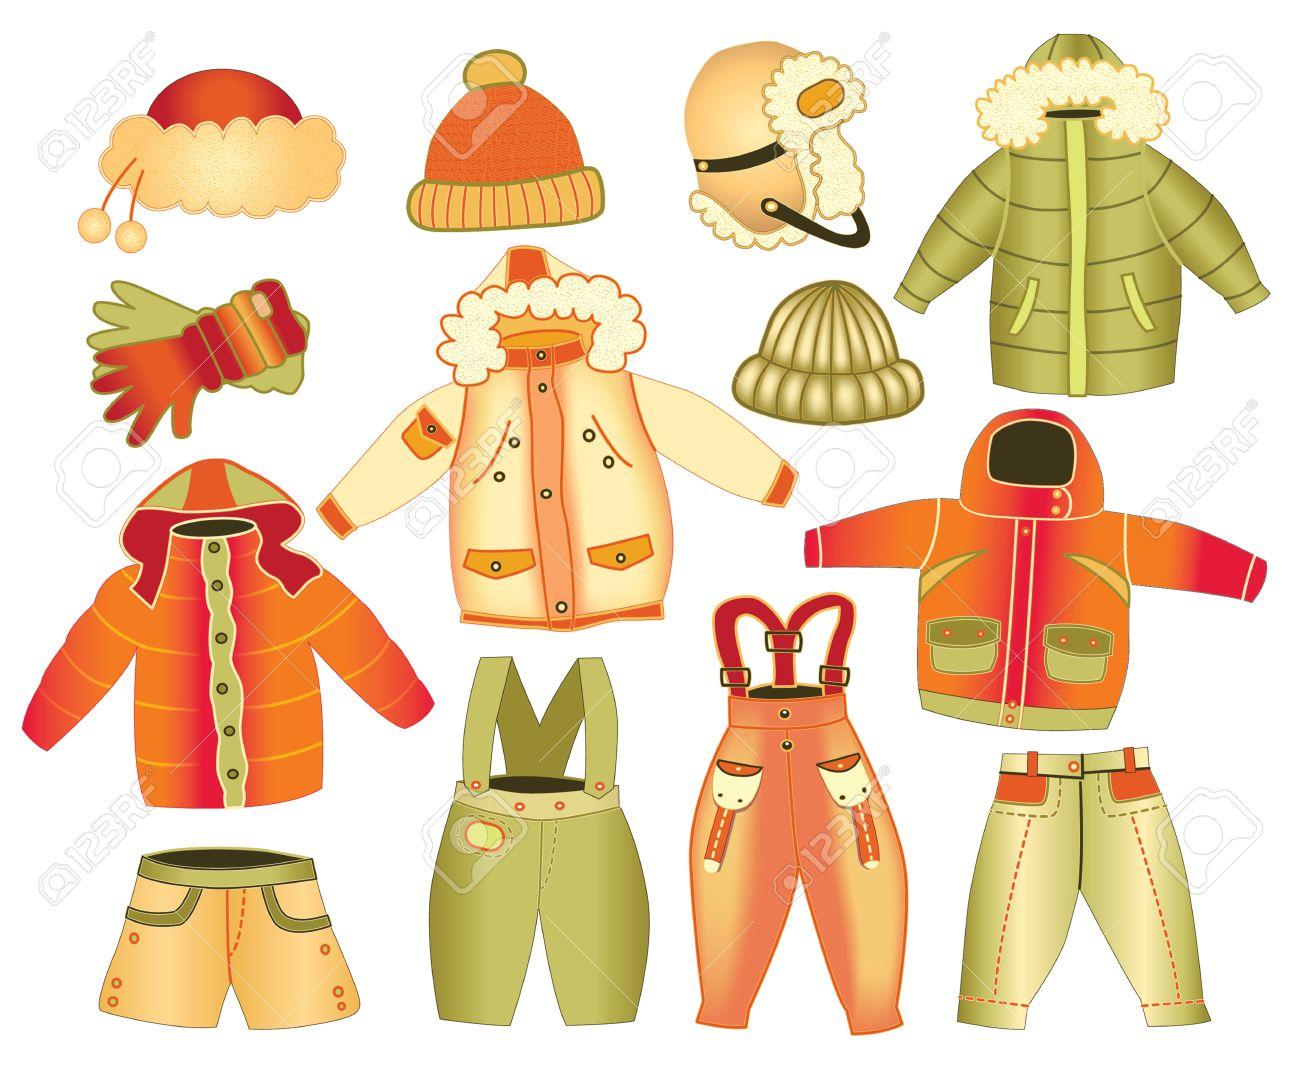 Kinderkleidung clipart  Sammlung Von Winter-Kinderbekleidung Lizenzfrei Nutzbare ...